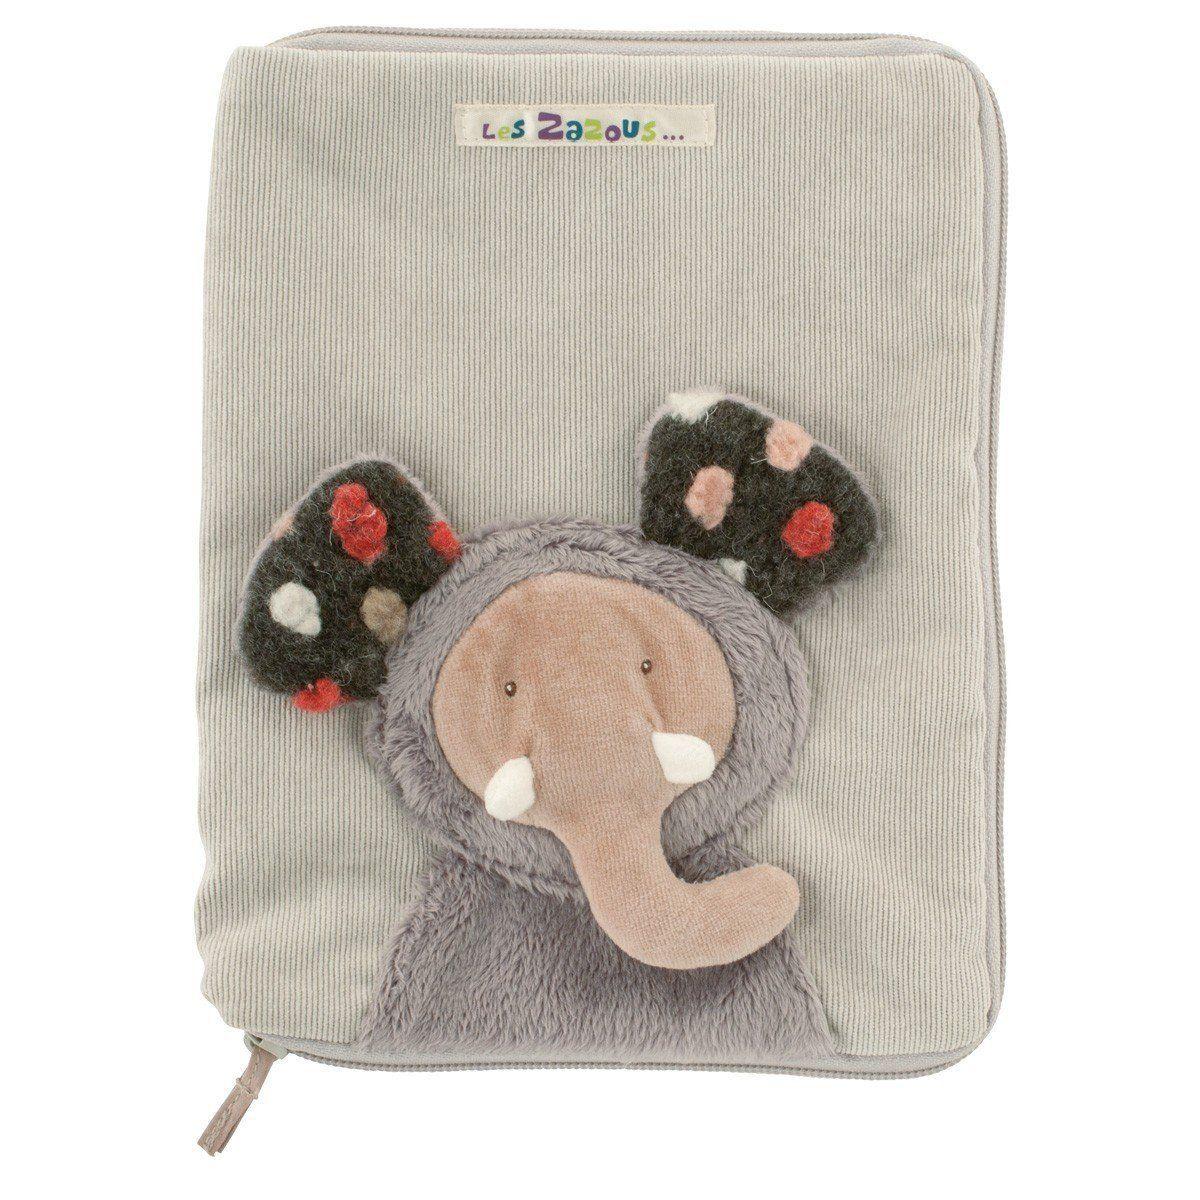 Un protège carnet de #santé rigolo et tout doux pour prendre soin des affaires de bébé. #protègecarnetdesanté #protègecranet #toilette #éléphant #leszazous